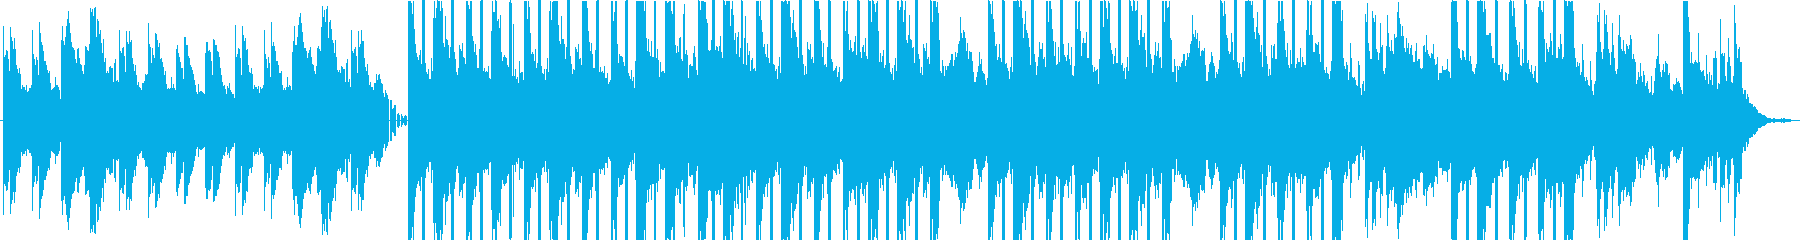 不思議な雰囲気のピアノのBGMの再生済みの波形